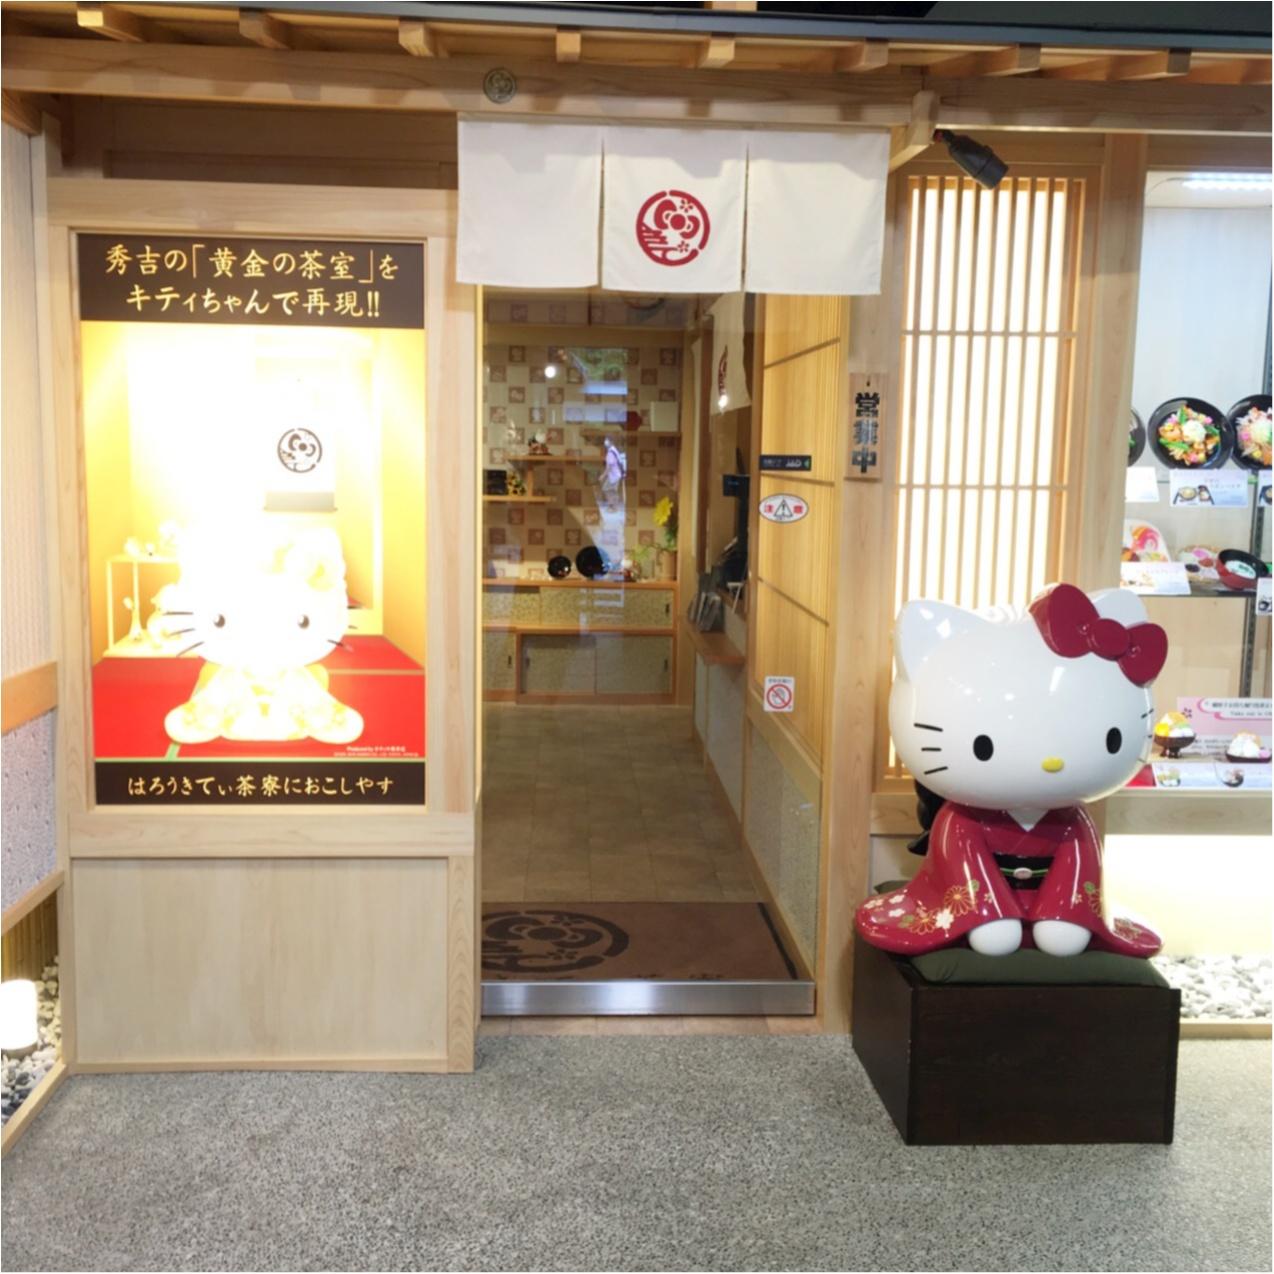 京都に行ったら行きたい♡キティづくしの『はろうきてぃ茶寮』_2